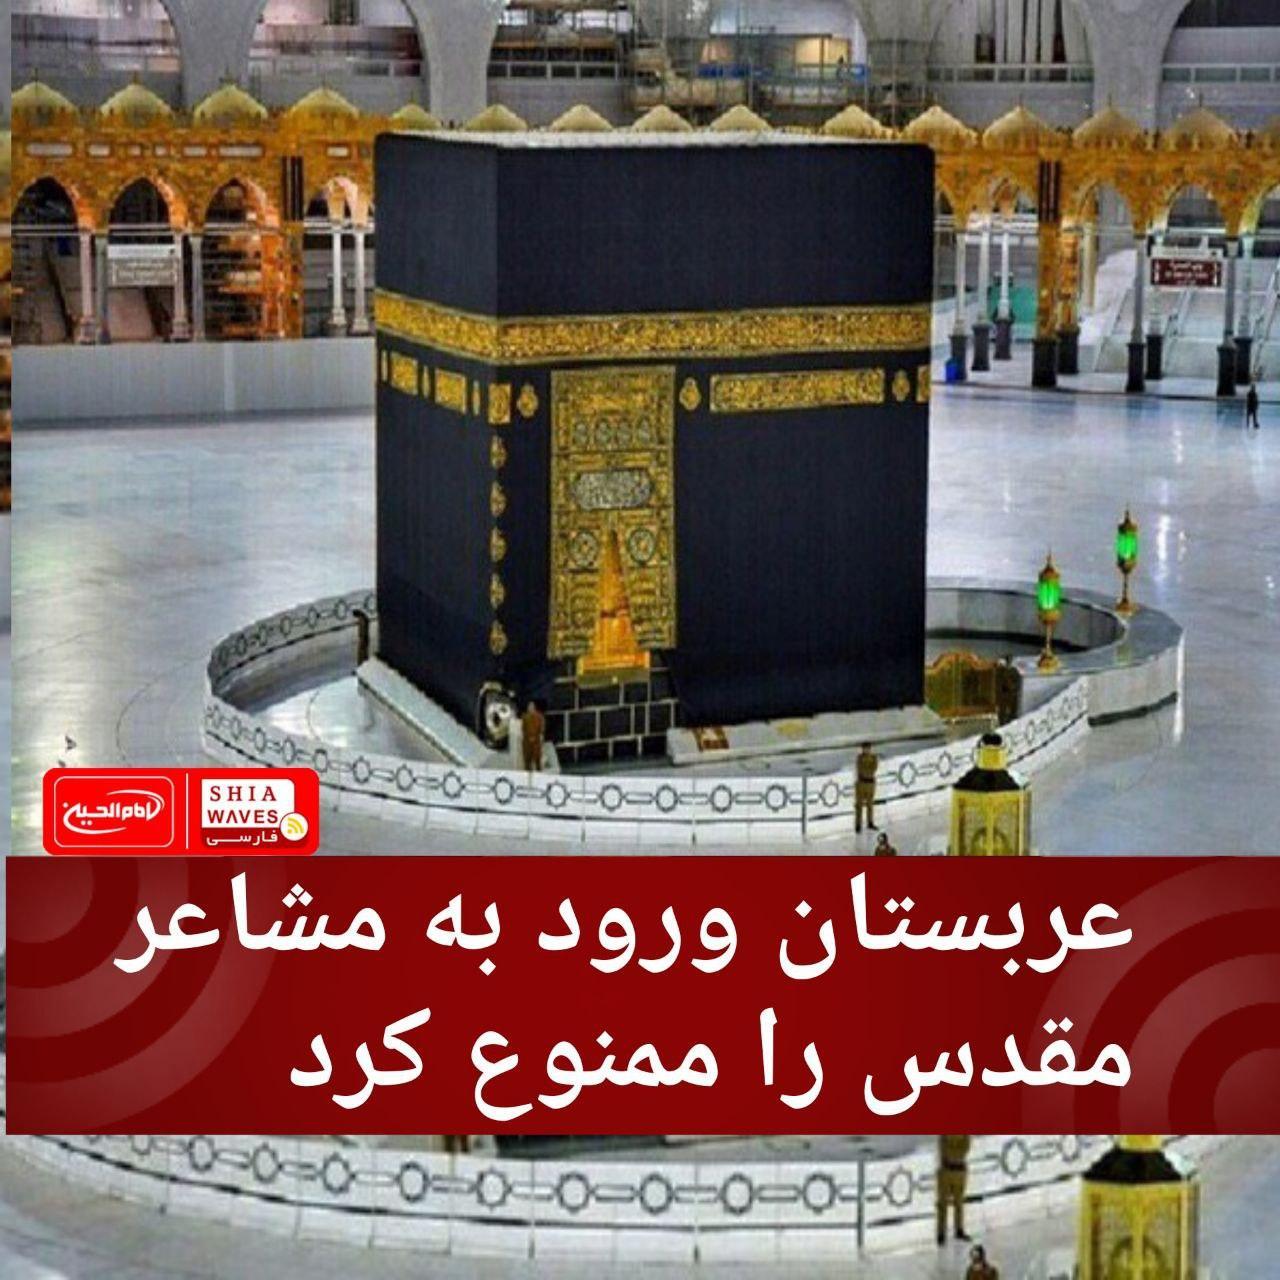 تصویر عربستان ورود به مشاعر مقدس را ممنوع کرد